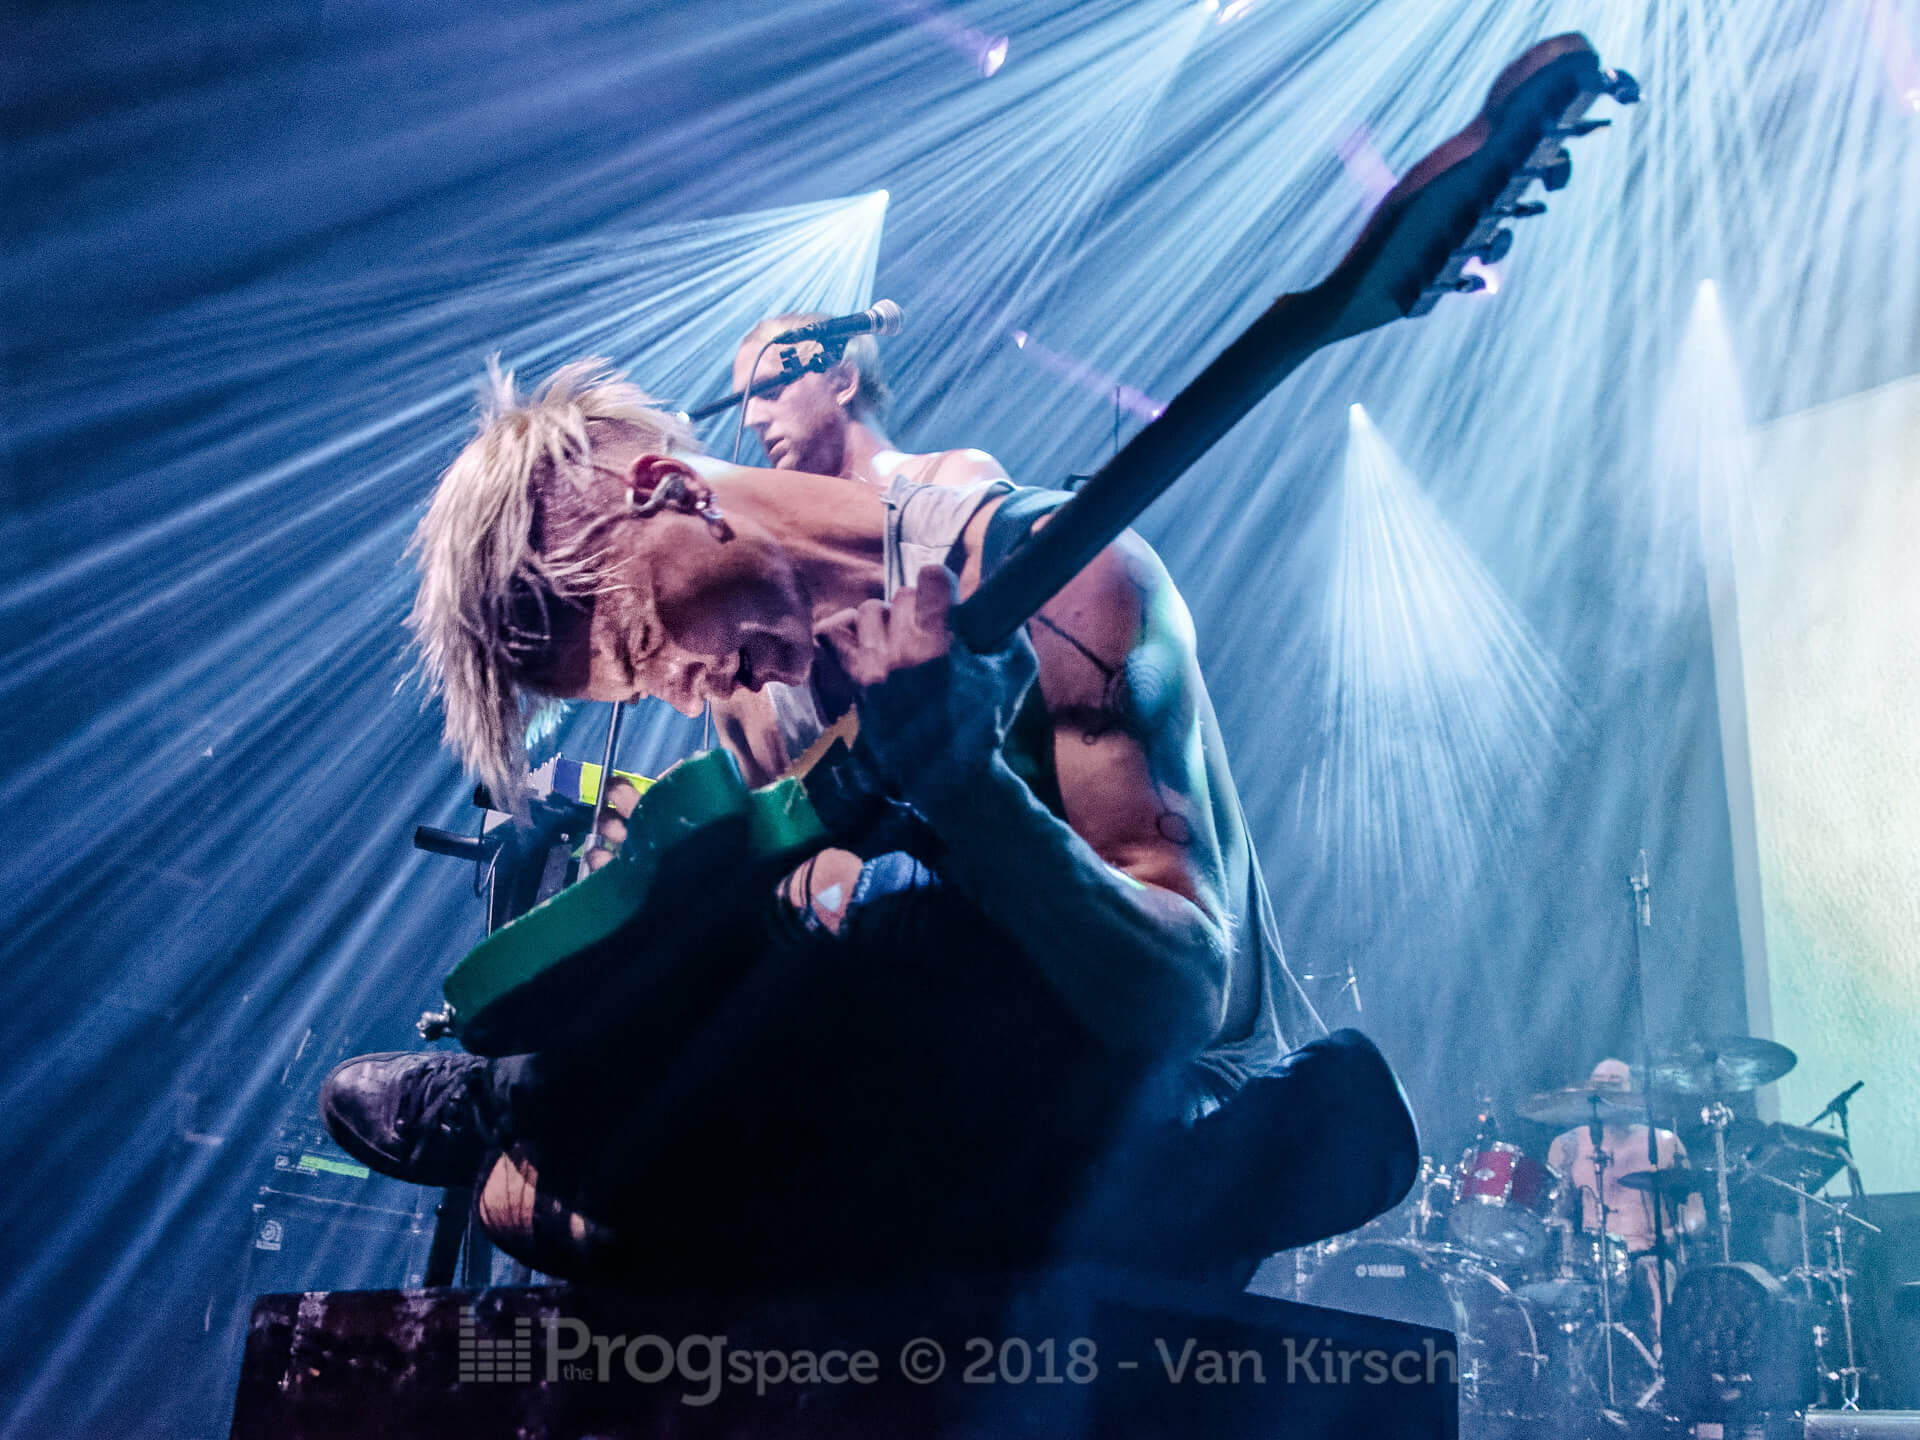 22 Live in Eindhoven – September 20, 2018